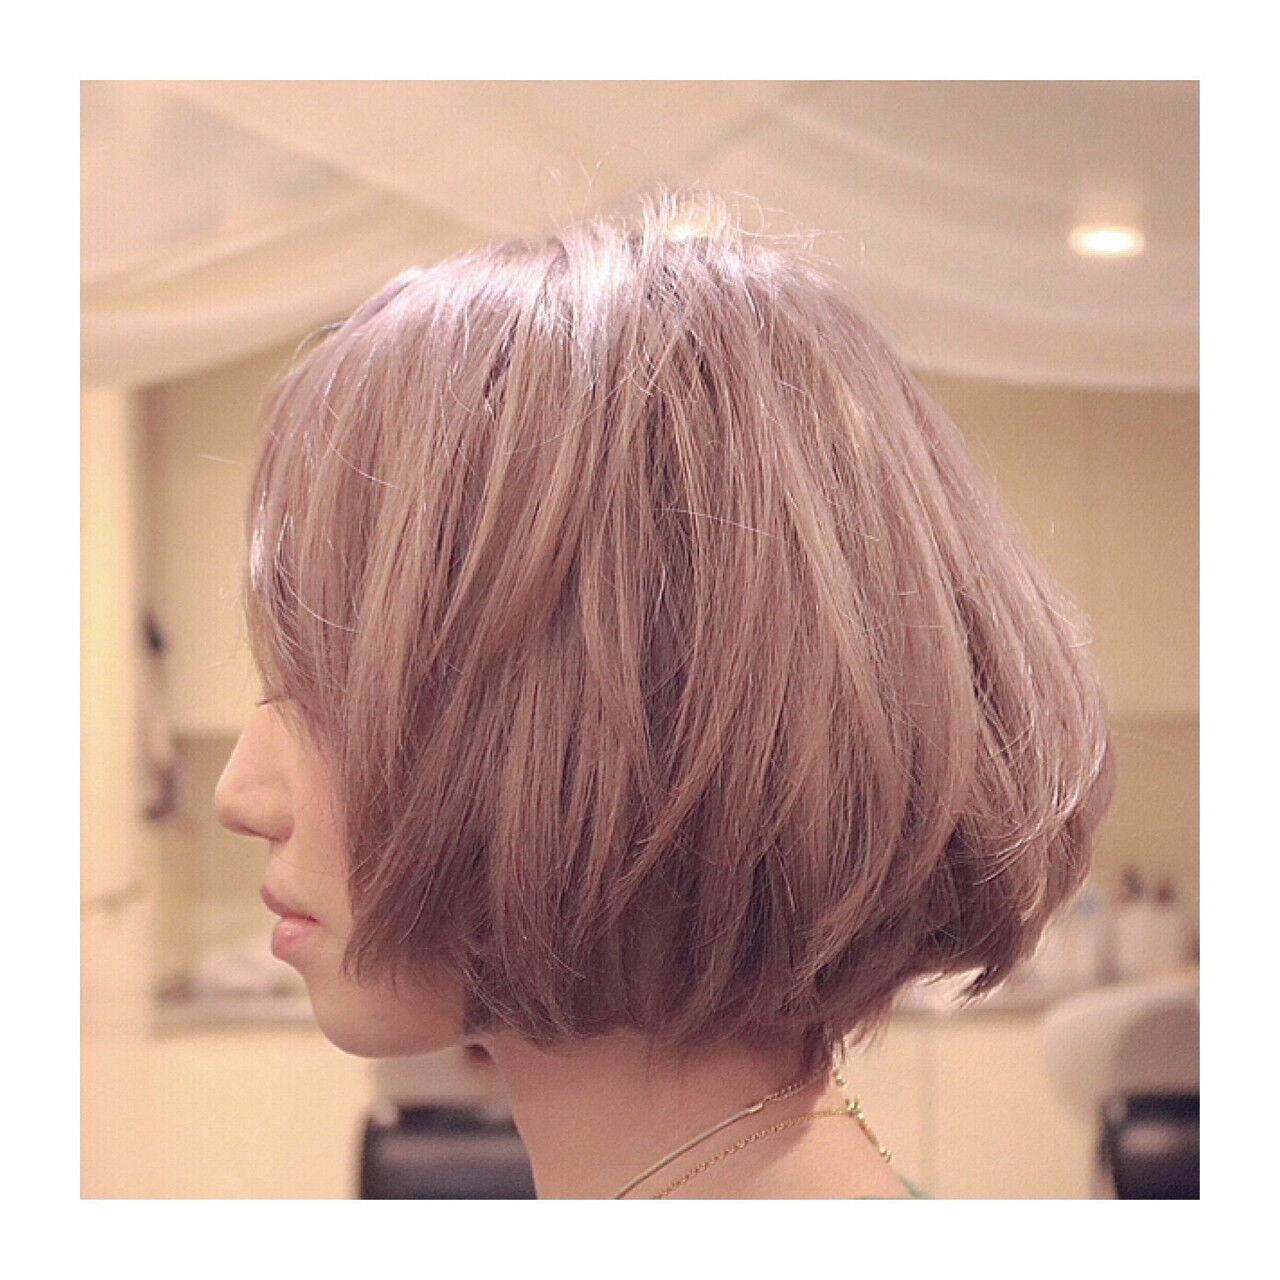 ハイトーン ストリート ボブ ミルクティーヘアスタイルや髪型の写真・画像